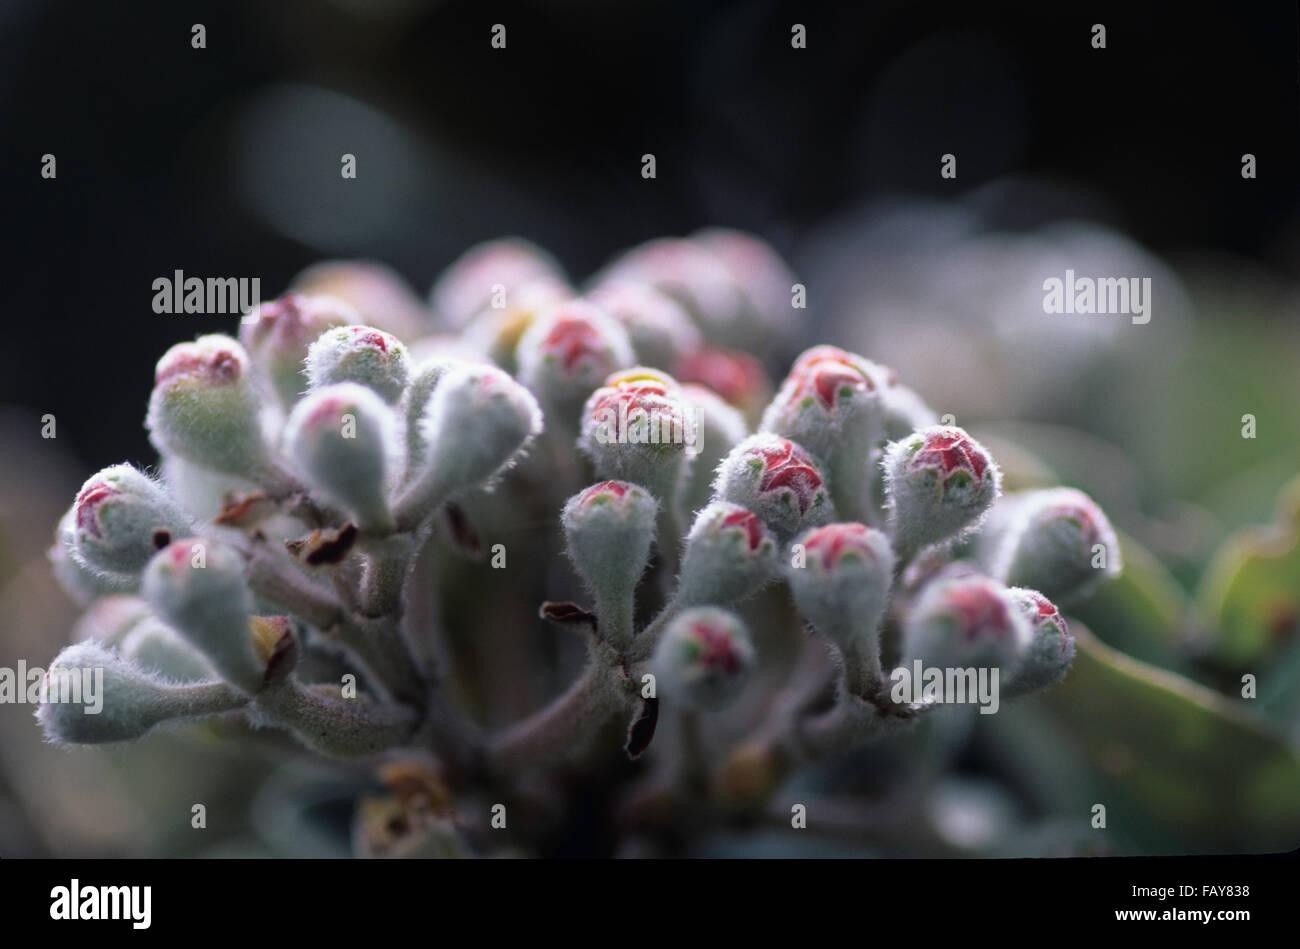 Big Island, Hawaii, Hawaii Volcanoes National Park, Ohia Tree details, flower buds,  Metrosideros polymorpha, Myrtaceae - Stock Image